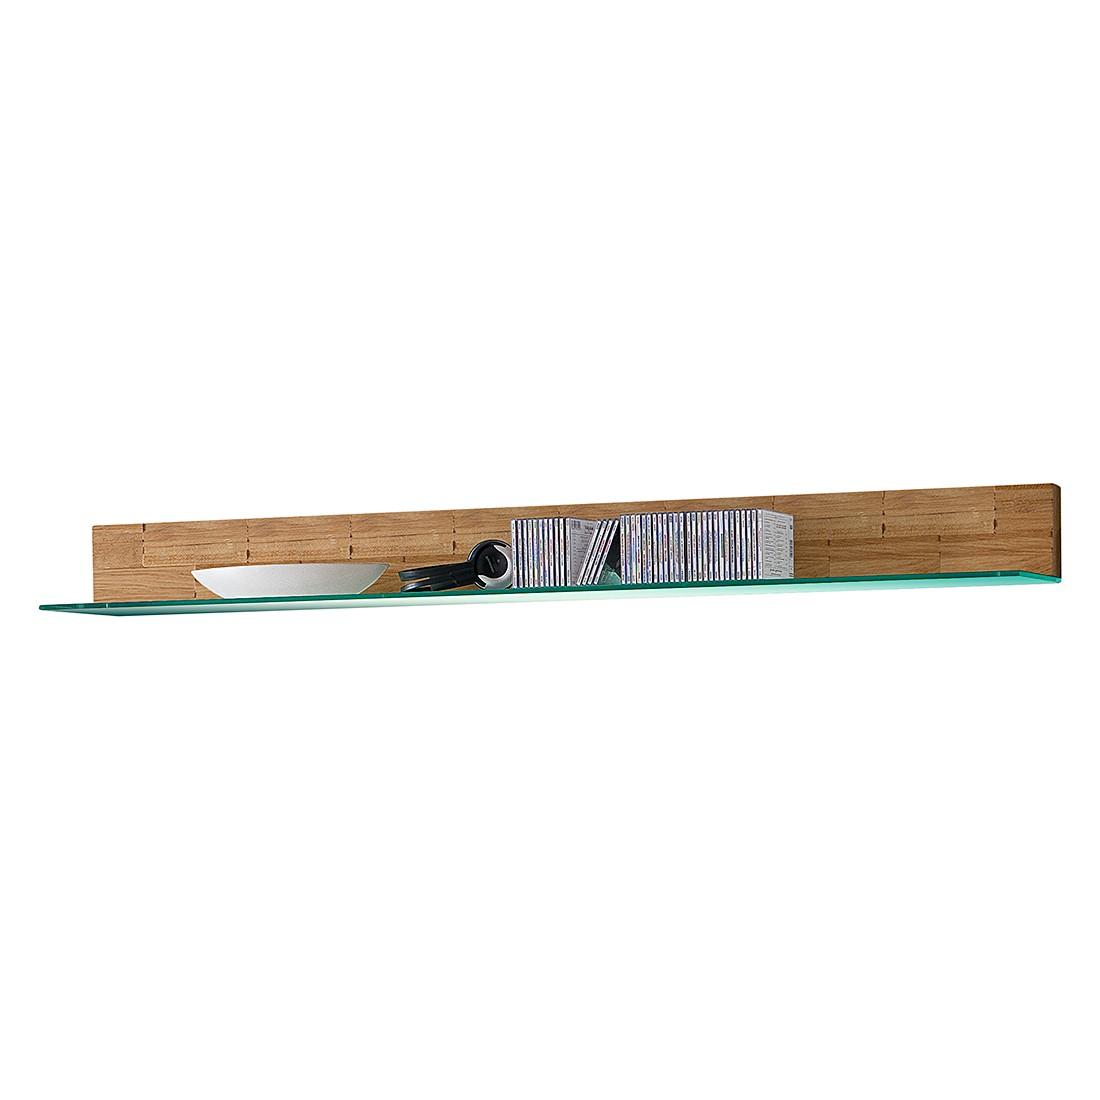 Wandboard Cora – Wildeiche – Ohne Beleuchtung – 195 cm, Felke jetzt bestellen